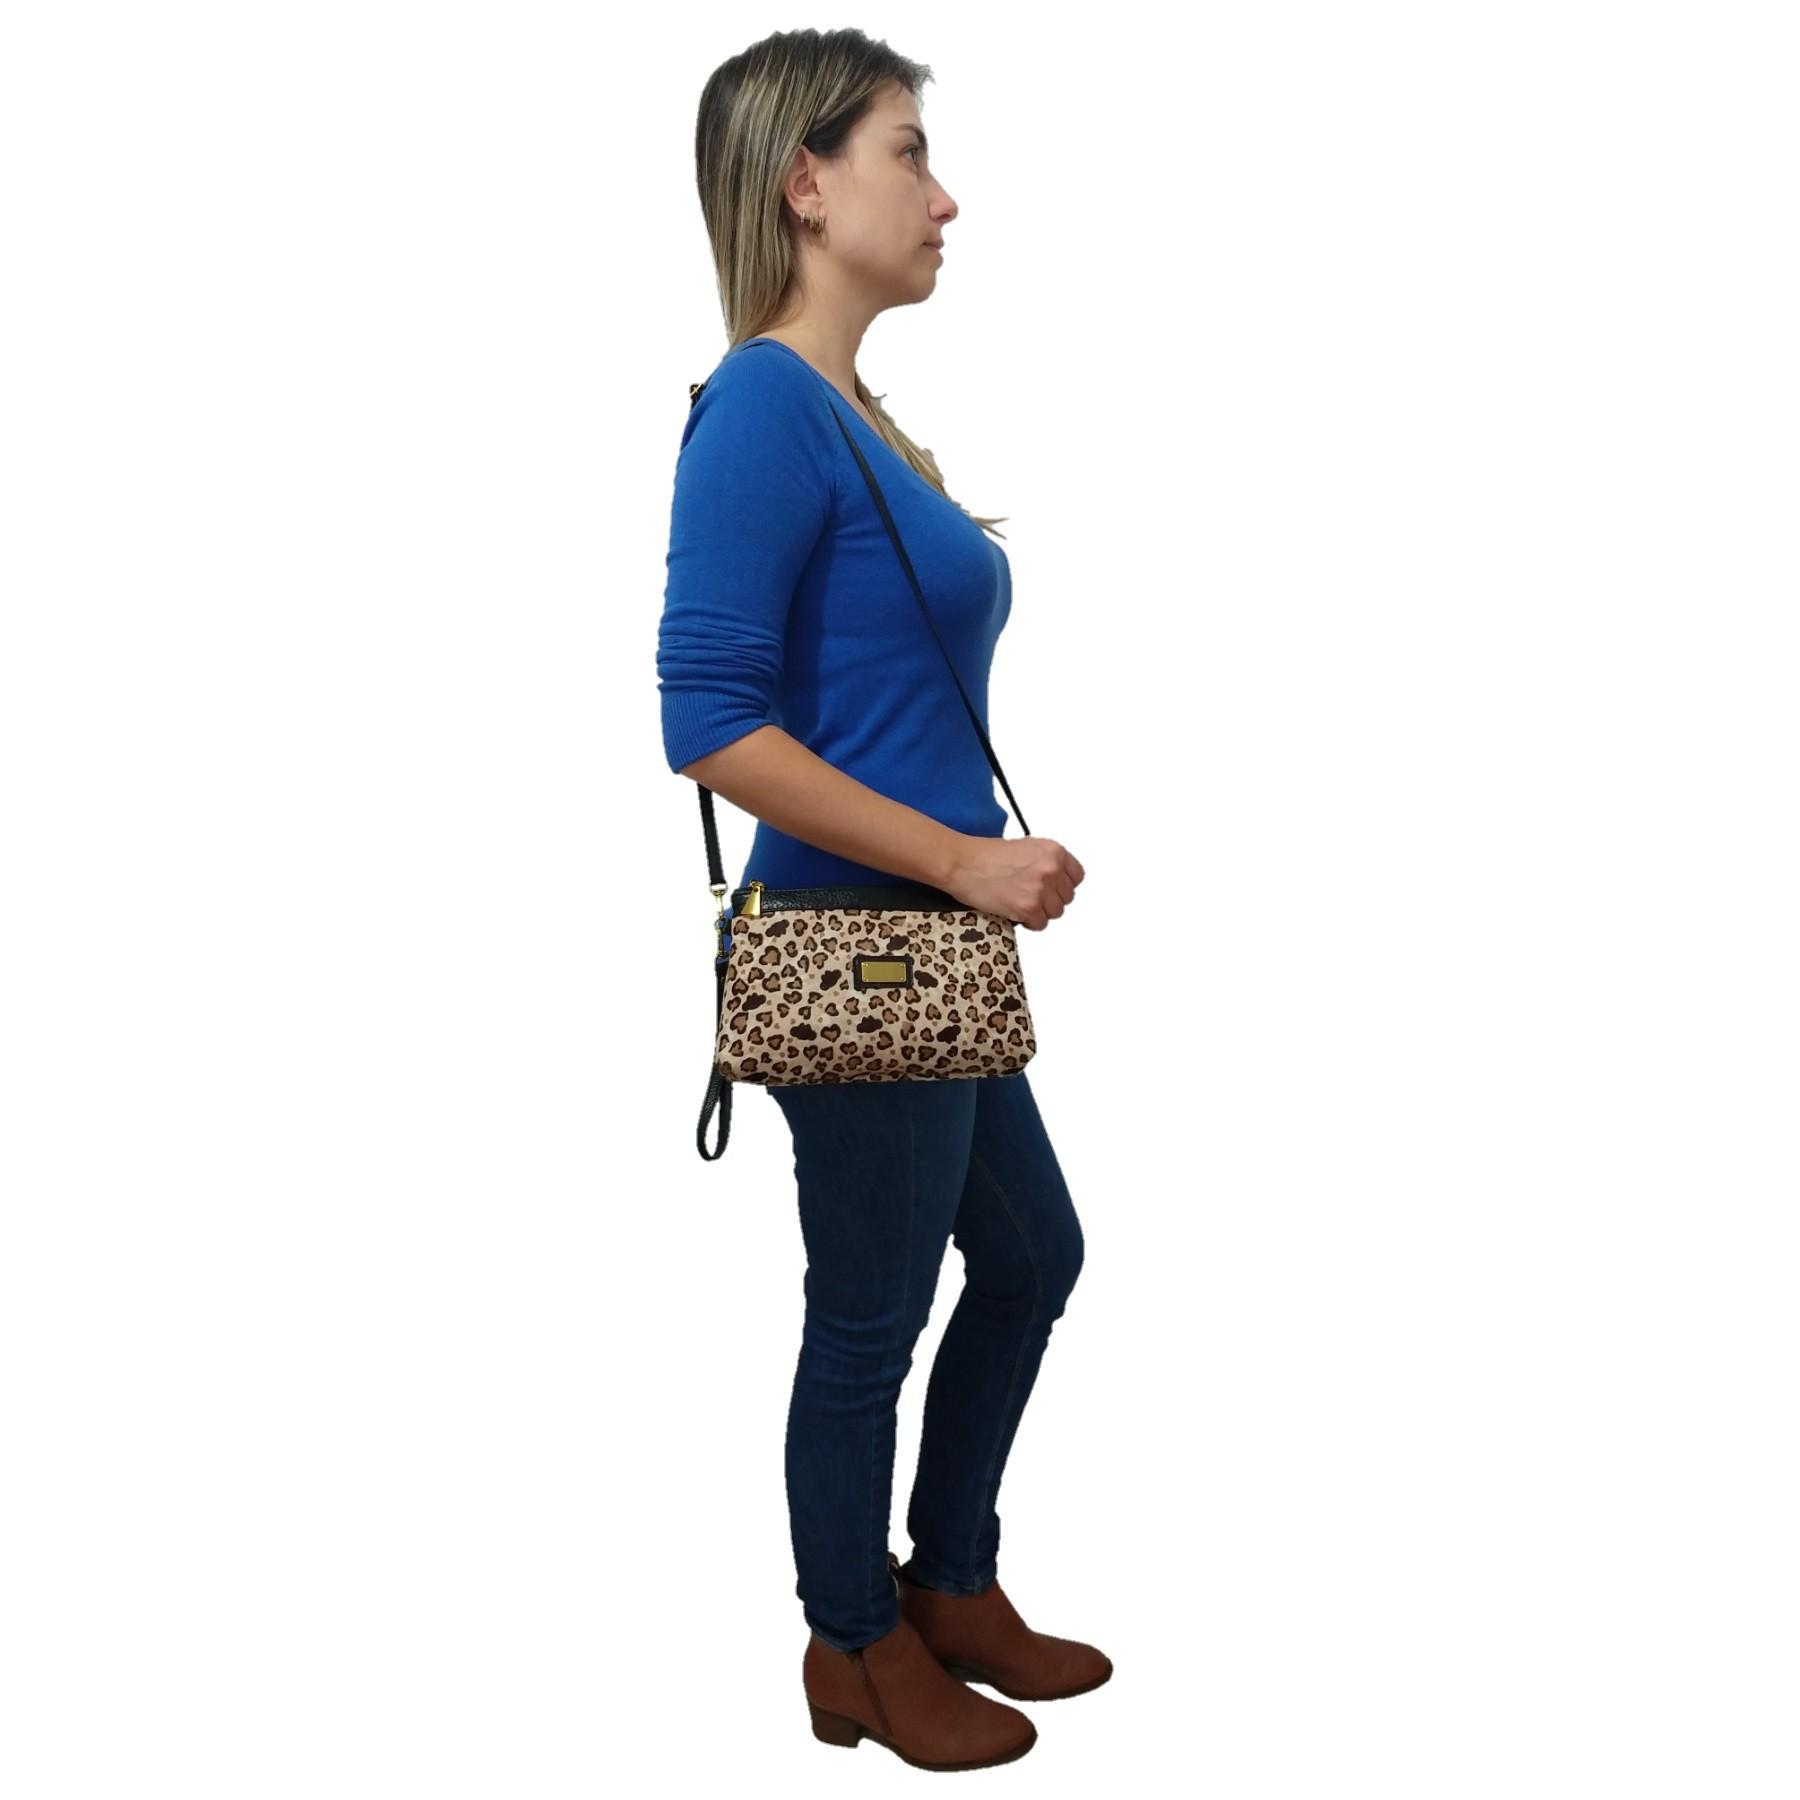 Bolsa Carteira Clutch TopGrife Transversal Couro Onça - Promoção  - SAPATOWEB.COM